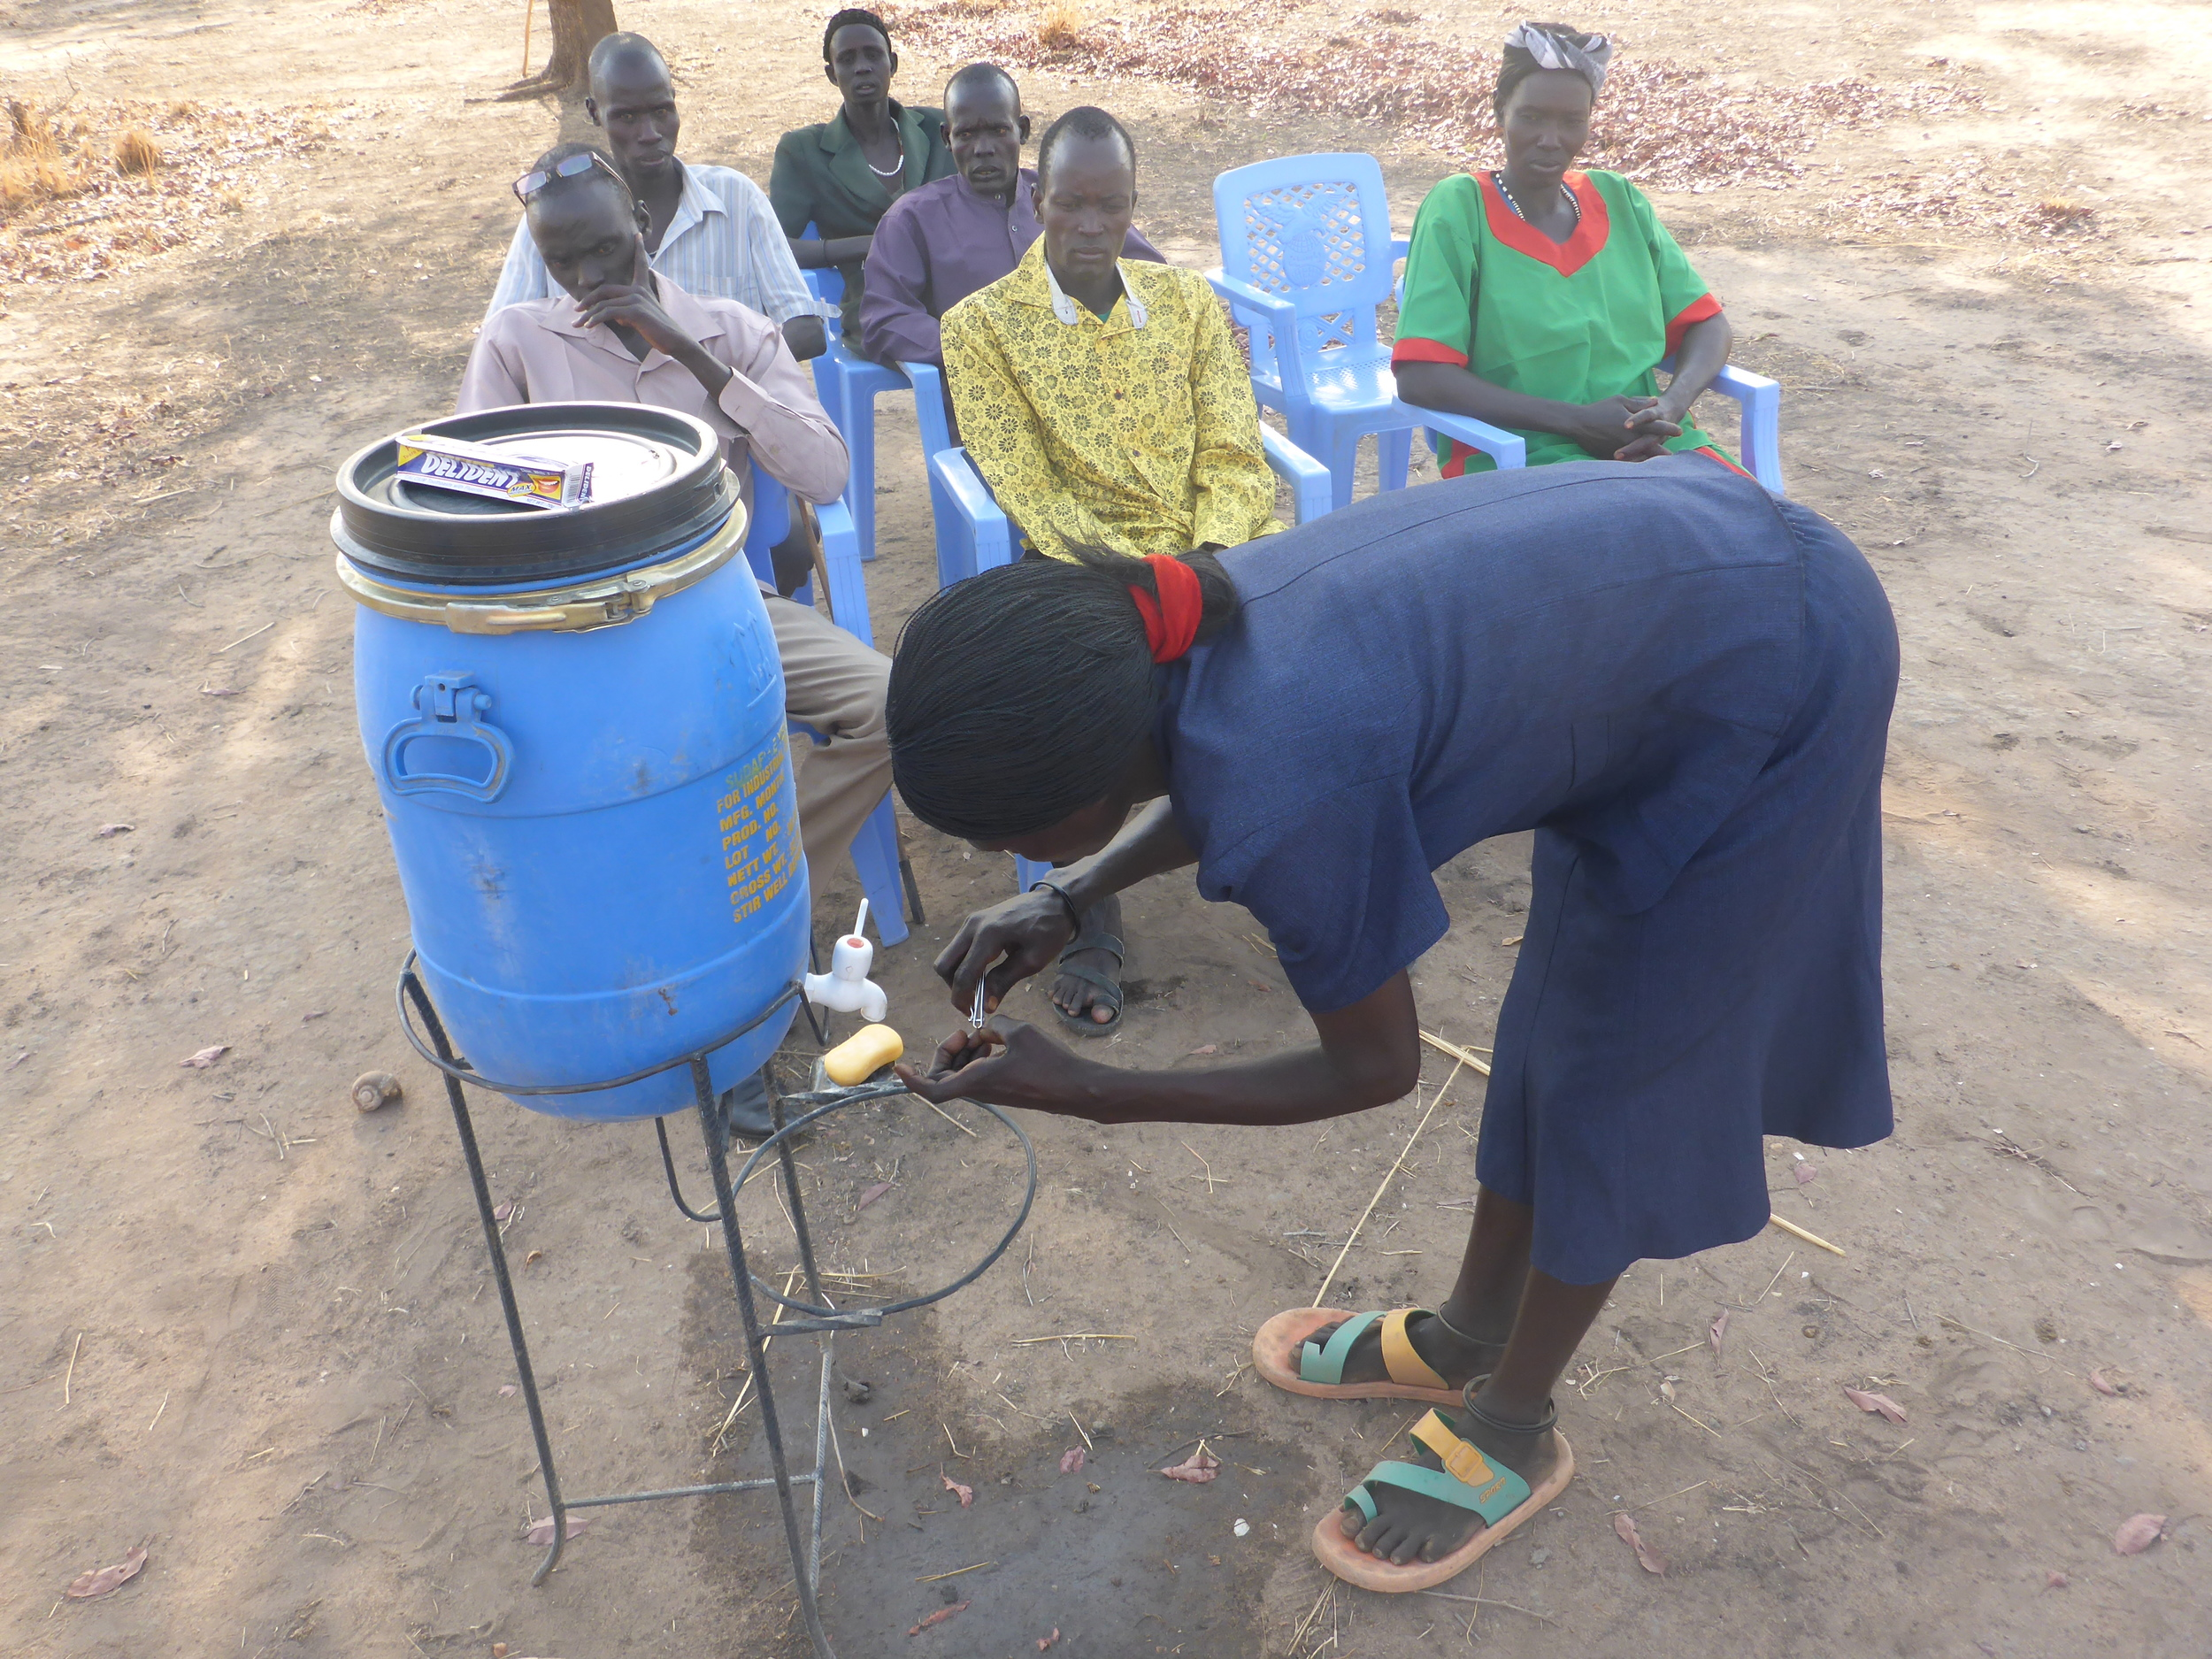 Wfss hygiene team helps villagers improve hygiene practices.